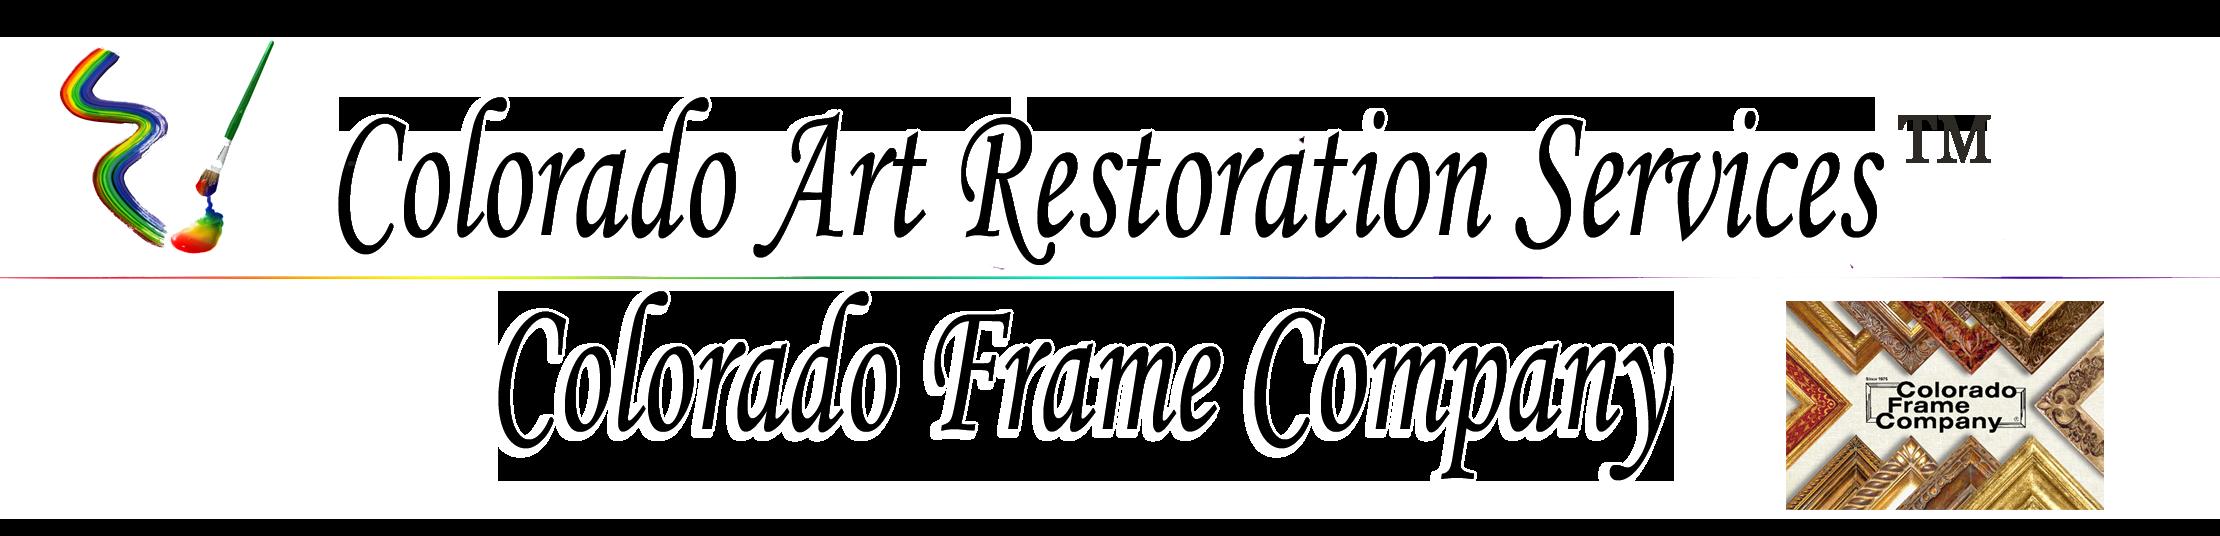 Colorado Art Restoration & Colorado Frame Company